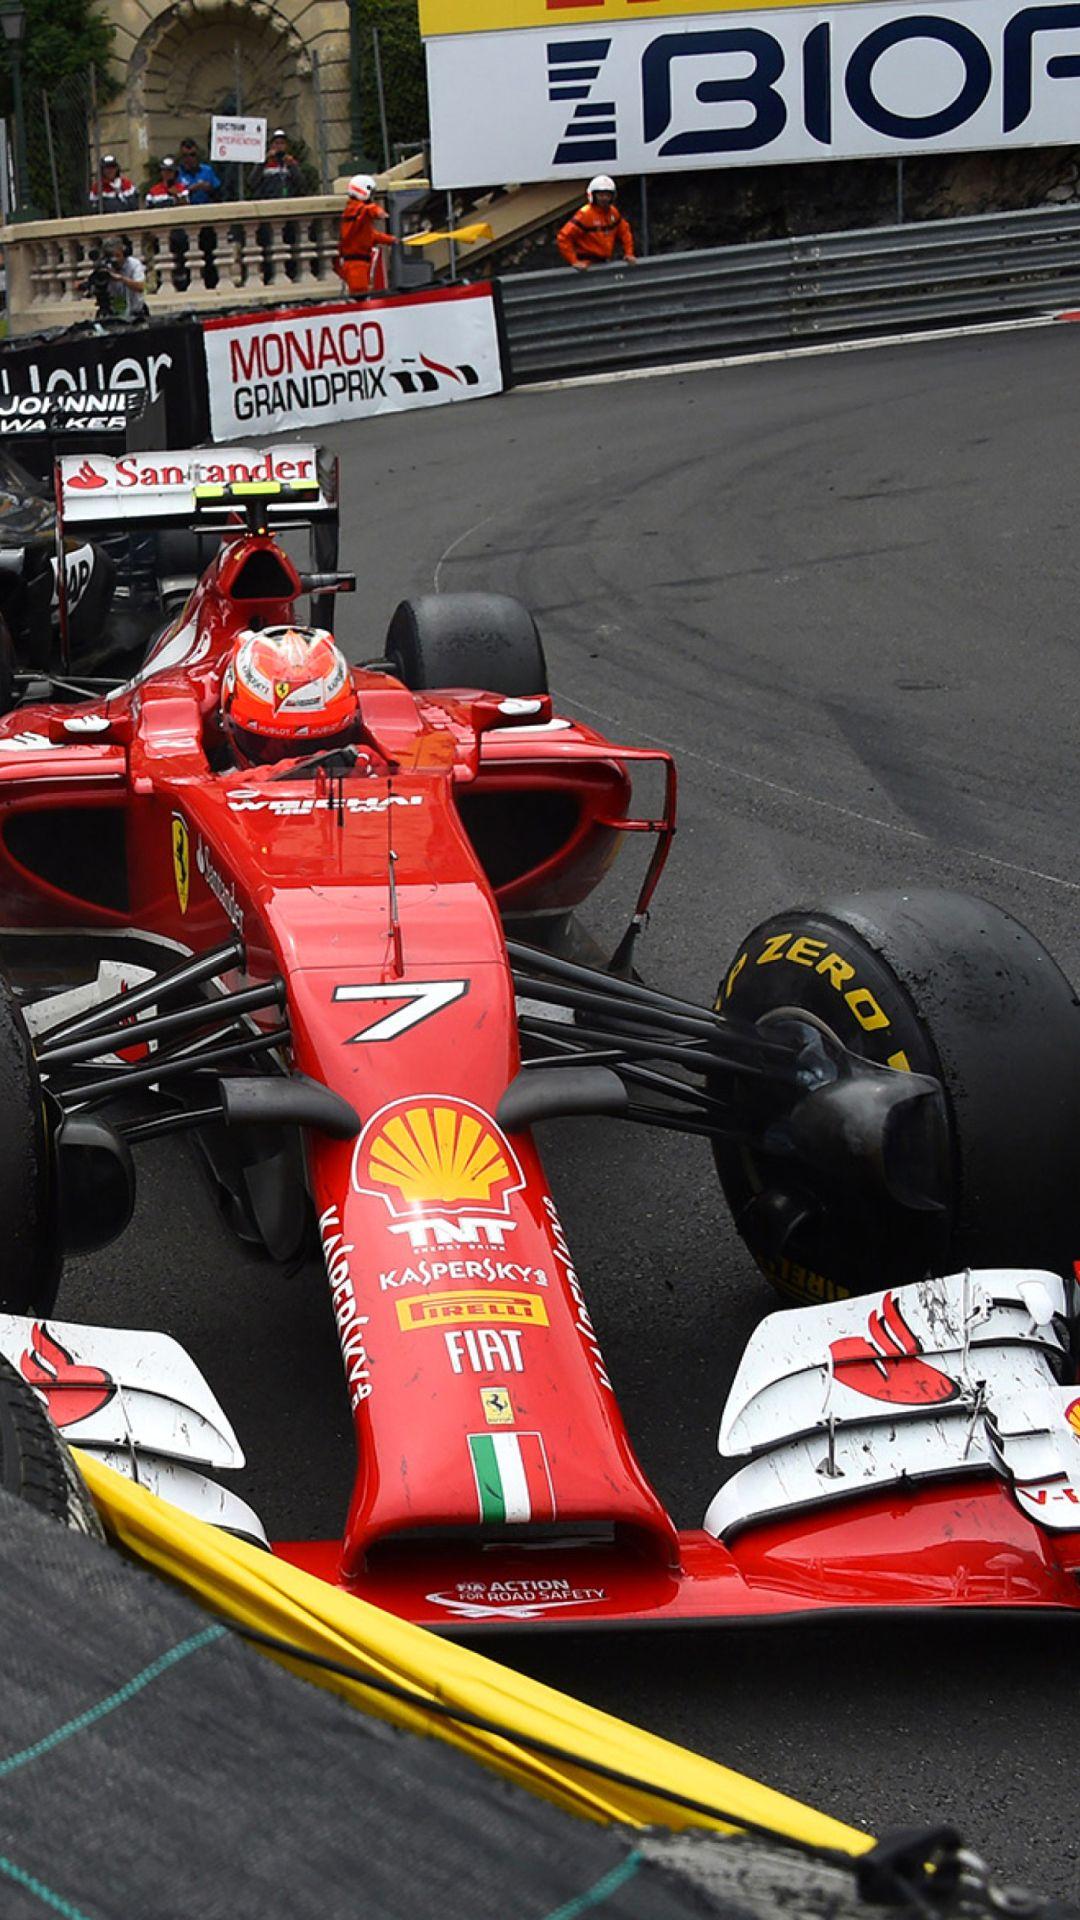 The Ferrari California Ferrari racing, Ferrari, Sports